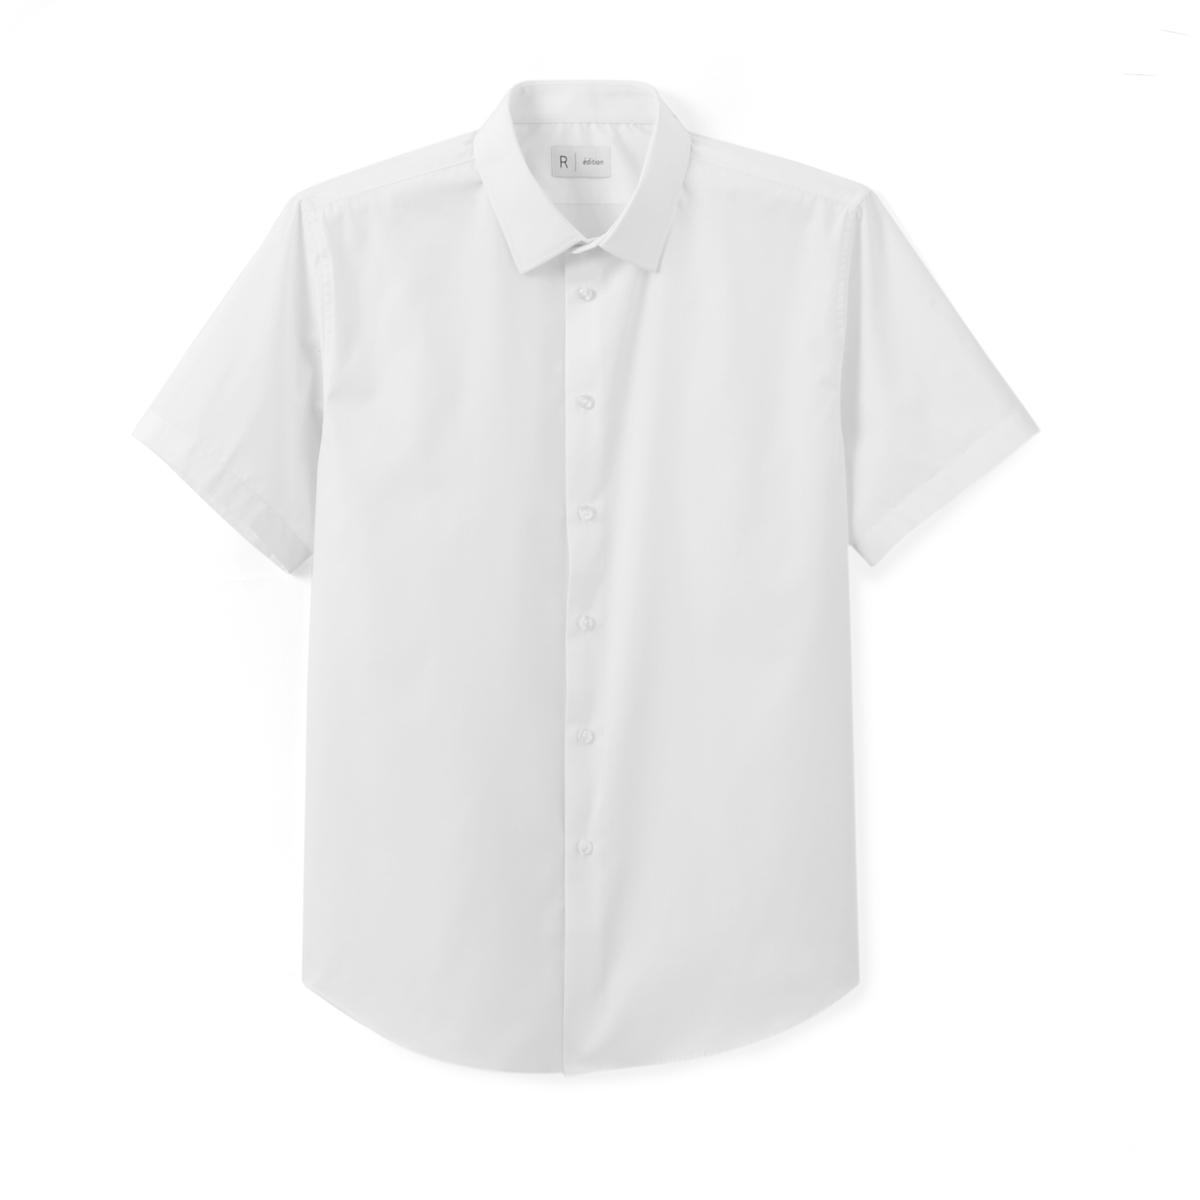 Рубашка стандартного покроя с короткими рукавамиРубашка с короткими рукавами. Стандартный (прямой) покрой. Классический воротник со свободными кончиками. Легкая глажка.Состав и описание : Материал         55% хлопка, 45% полиэстераДлина       78 смМарка          R editionУход: :Машинная стирка при 30° на деликатном режиме с вещами подобного цвета Стирка и глажка с изнаночной стороныСухая чистка и машинная сушка запрещеныГладить на низкой температуре<br><br>Цвет: белый,синий морской,черный<br>Размер: 41/42.45/46.41/42.43/44.41/42.37/38